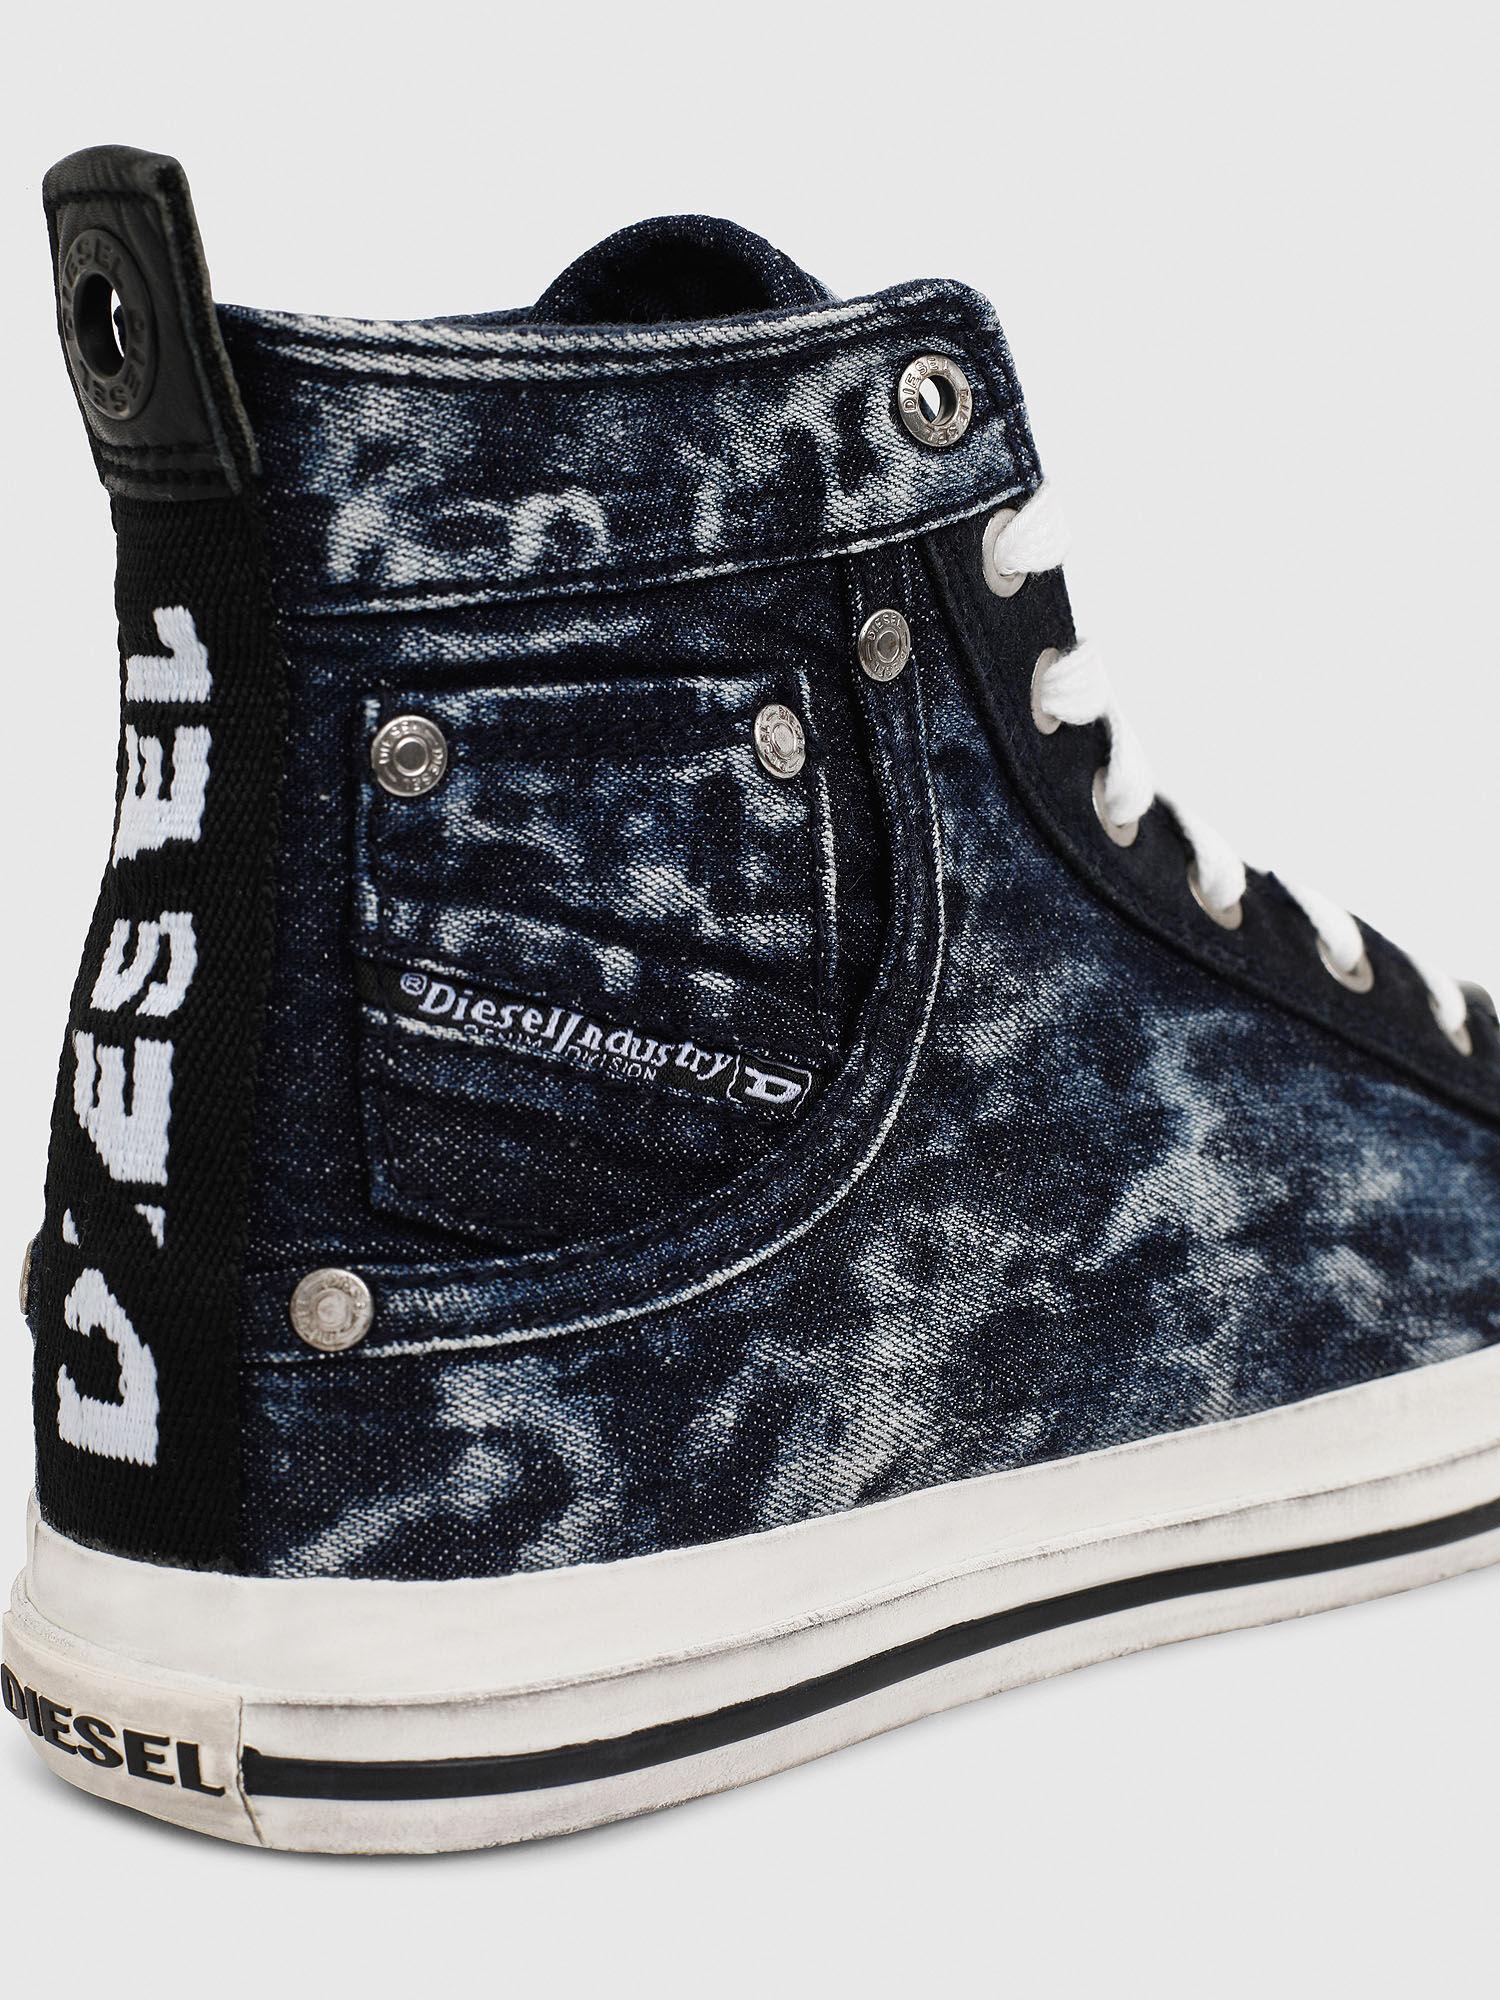 sneakers in distressed denim   Diesel